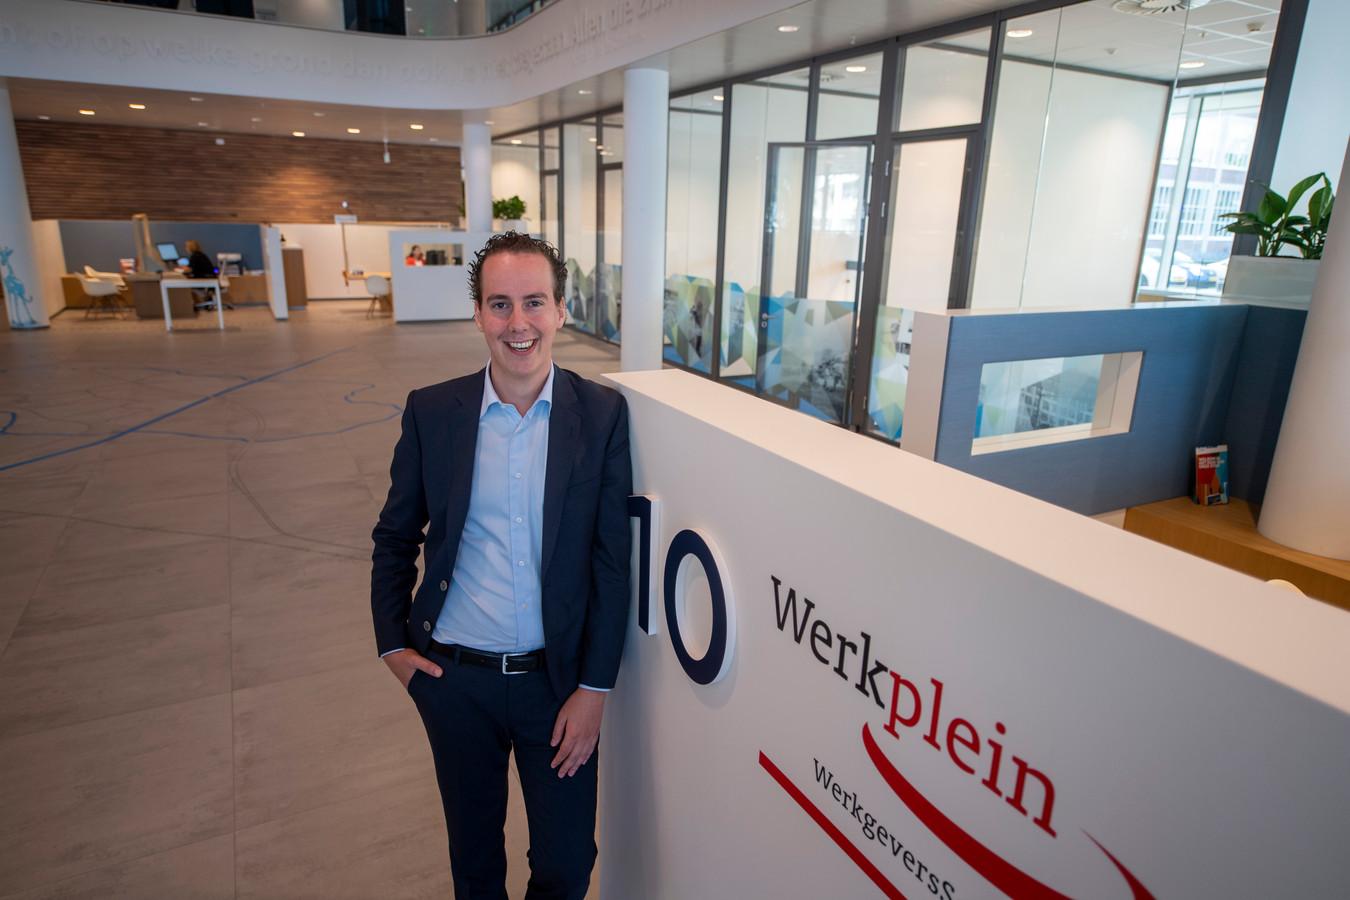 Wethouder Arjen Maathuis neemt geen woord terug van het veelbesproken interview dat hij gaf bij de opening van het nieuwe Werkplein in Almelo.